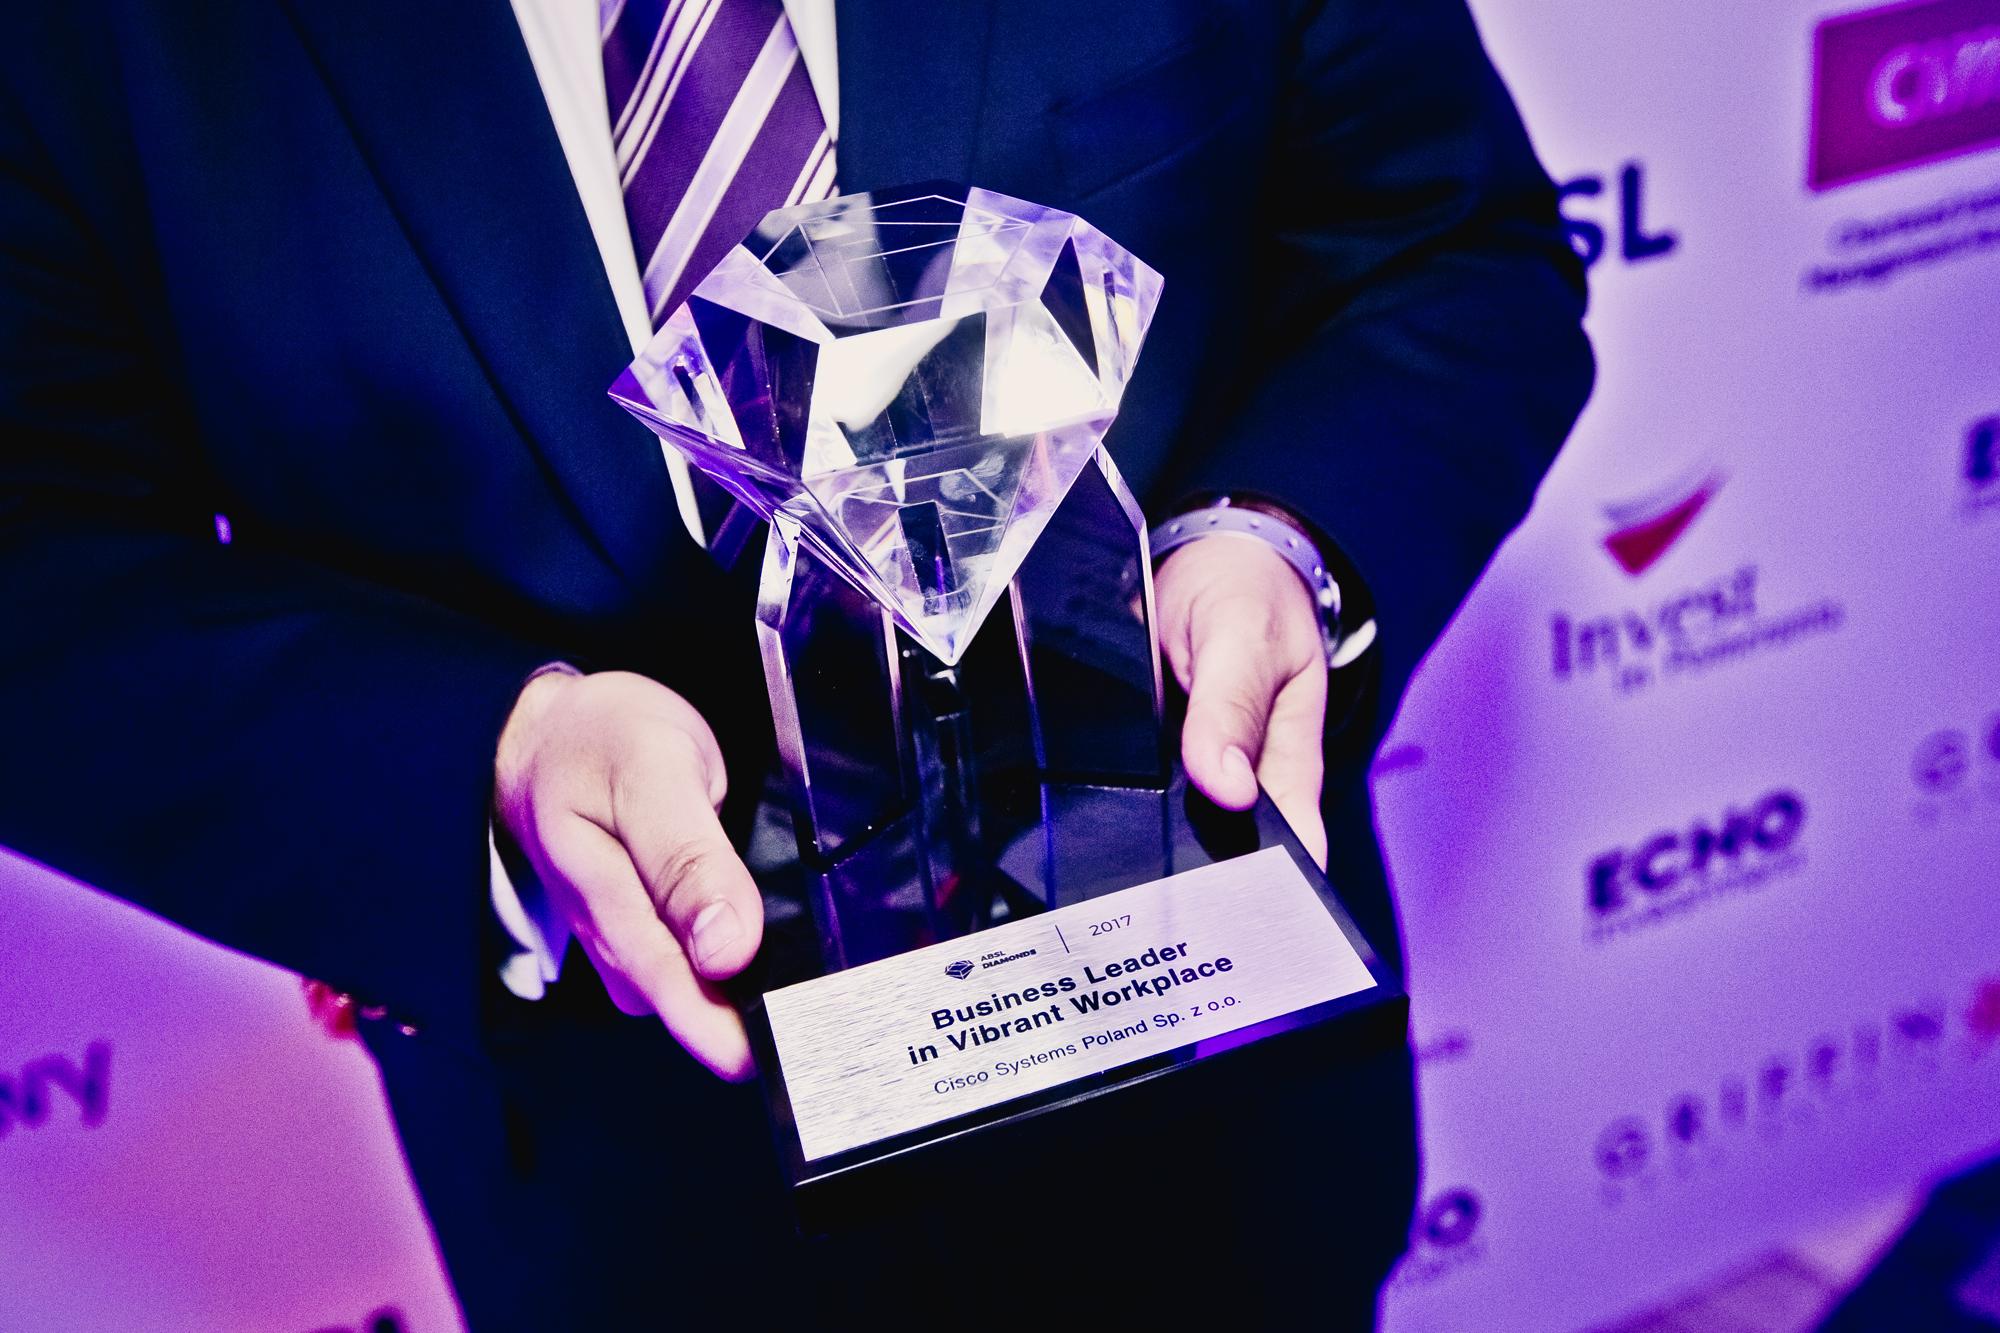 Cisco Systems wygrało w kategorii Business Leader in Vibrant Workplace (Fot. mat. pras.)